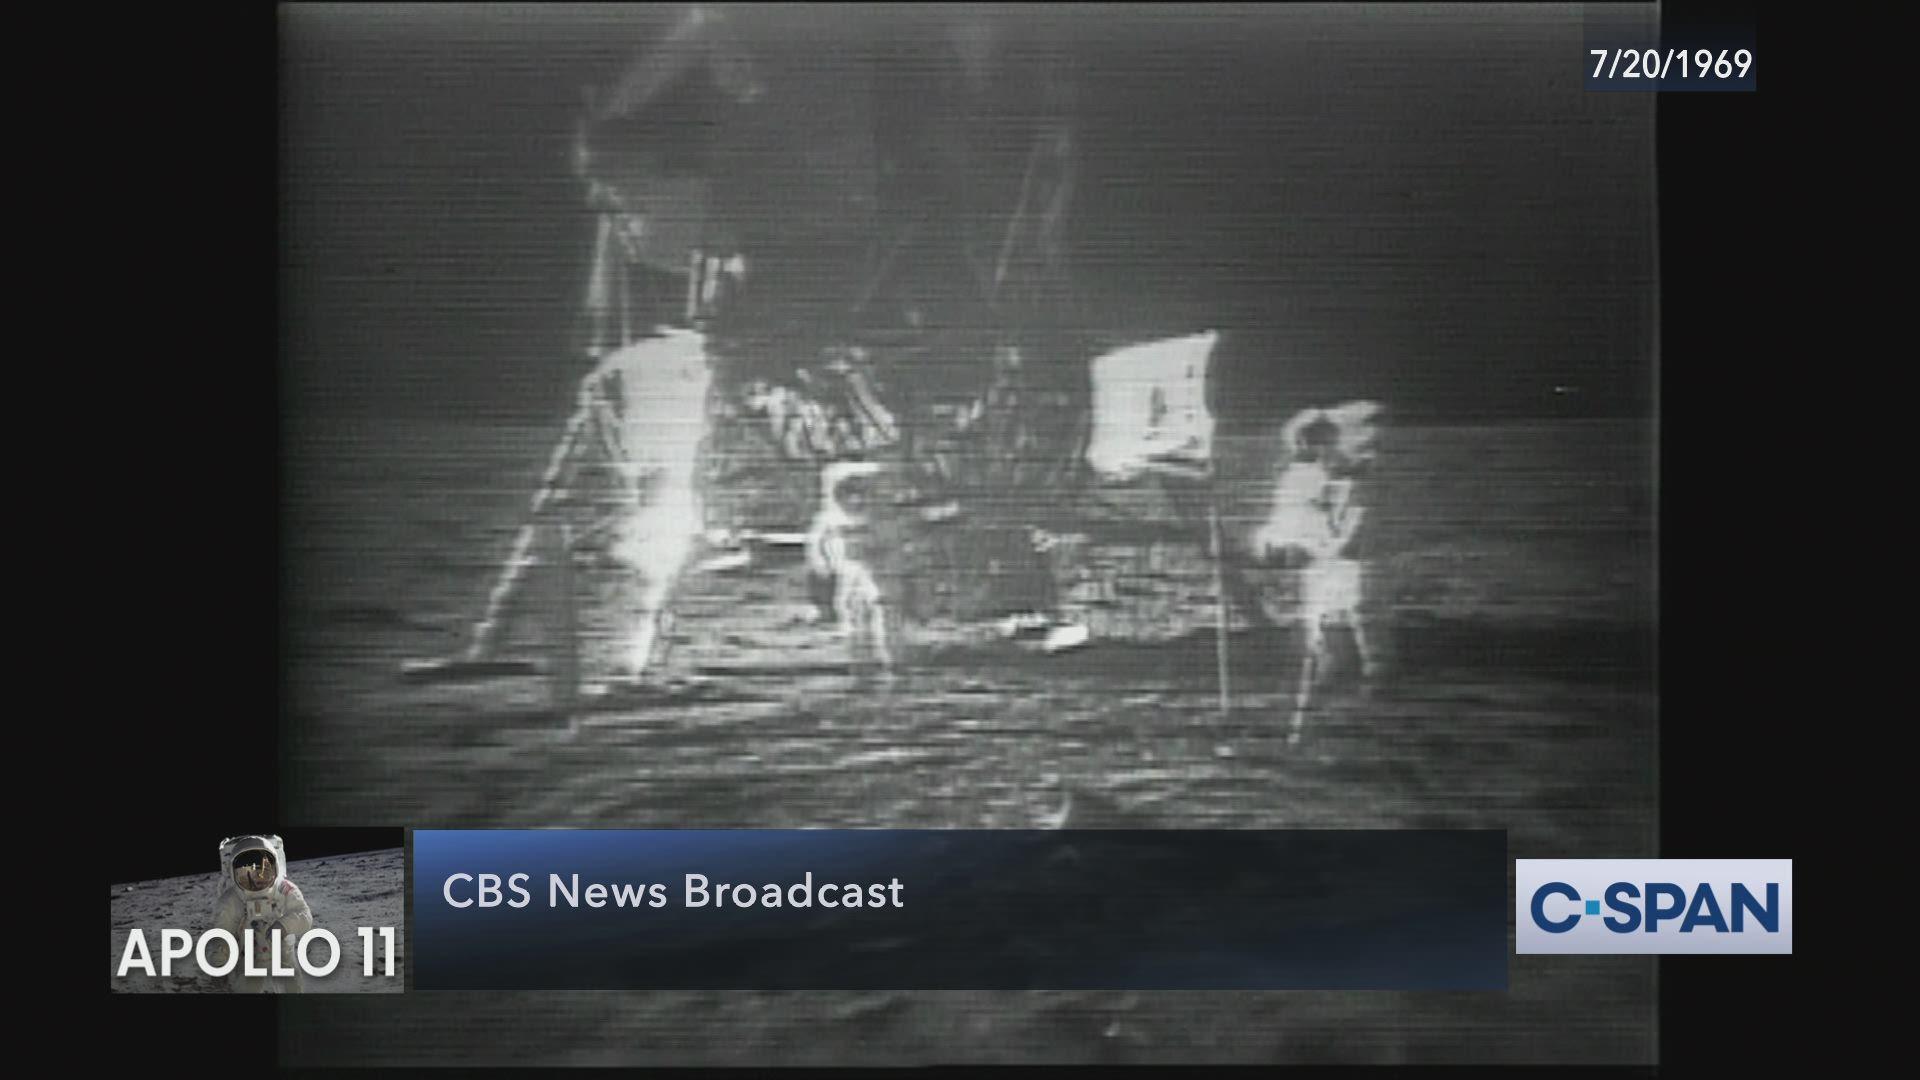 CBS Coverage of Apollo 11 Moonwalk